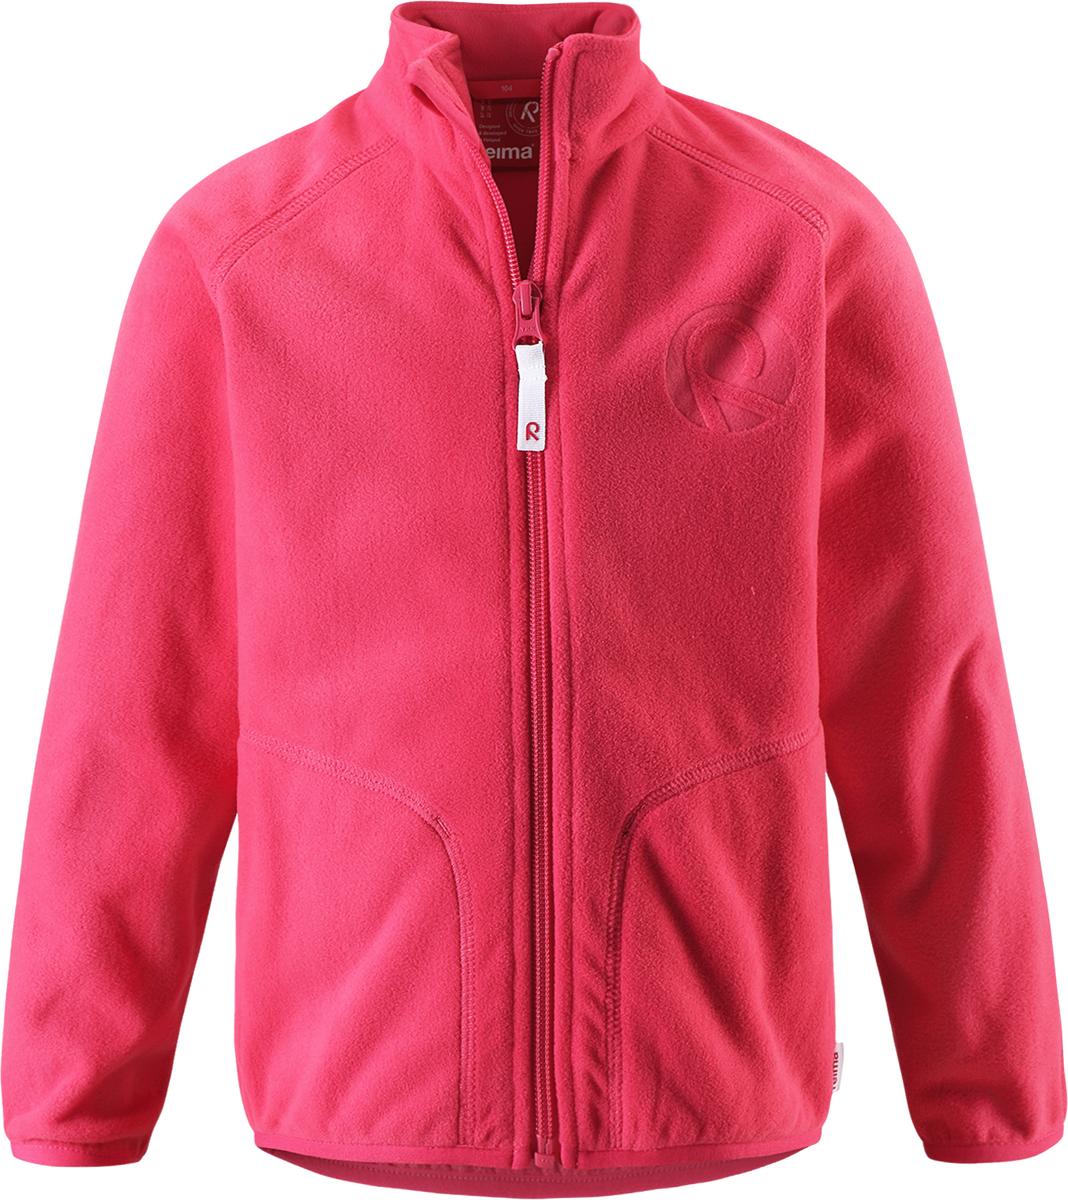 Толстовка флисовая детская Reima Inrun, цвет: розовый. 5262503360. Размер 925262503360Детская флисовая толстовка Reima на прохладный день. Можно использовать как верхнюю одежду в сухую погоду весной и осенью или поддевать в качестве промежуточного слоя в холода. Обратите внимание на удобную систему кнопок Play Layers, с помощью которой легко присоединить кофту к одежде из серии Reima Play Layers и обеспечить ребенку дополнительное тепло и комфорт. Высококачественный флис - это теплый, легкий и быстросохнущий материал, он идеально подходит для активных прогулок. Удлиненная спинка обеспечивает дополнительную защиту для поясницы, а молния во всю длину с защитой для подбородка облегчает надевание.